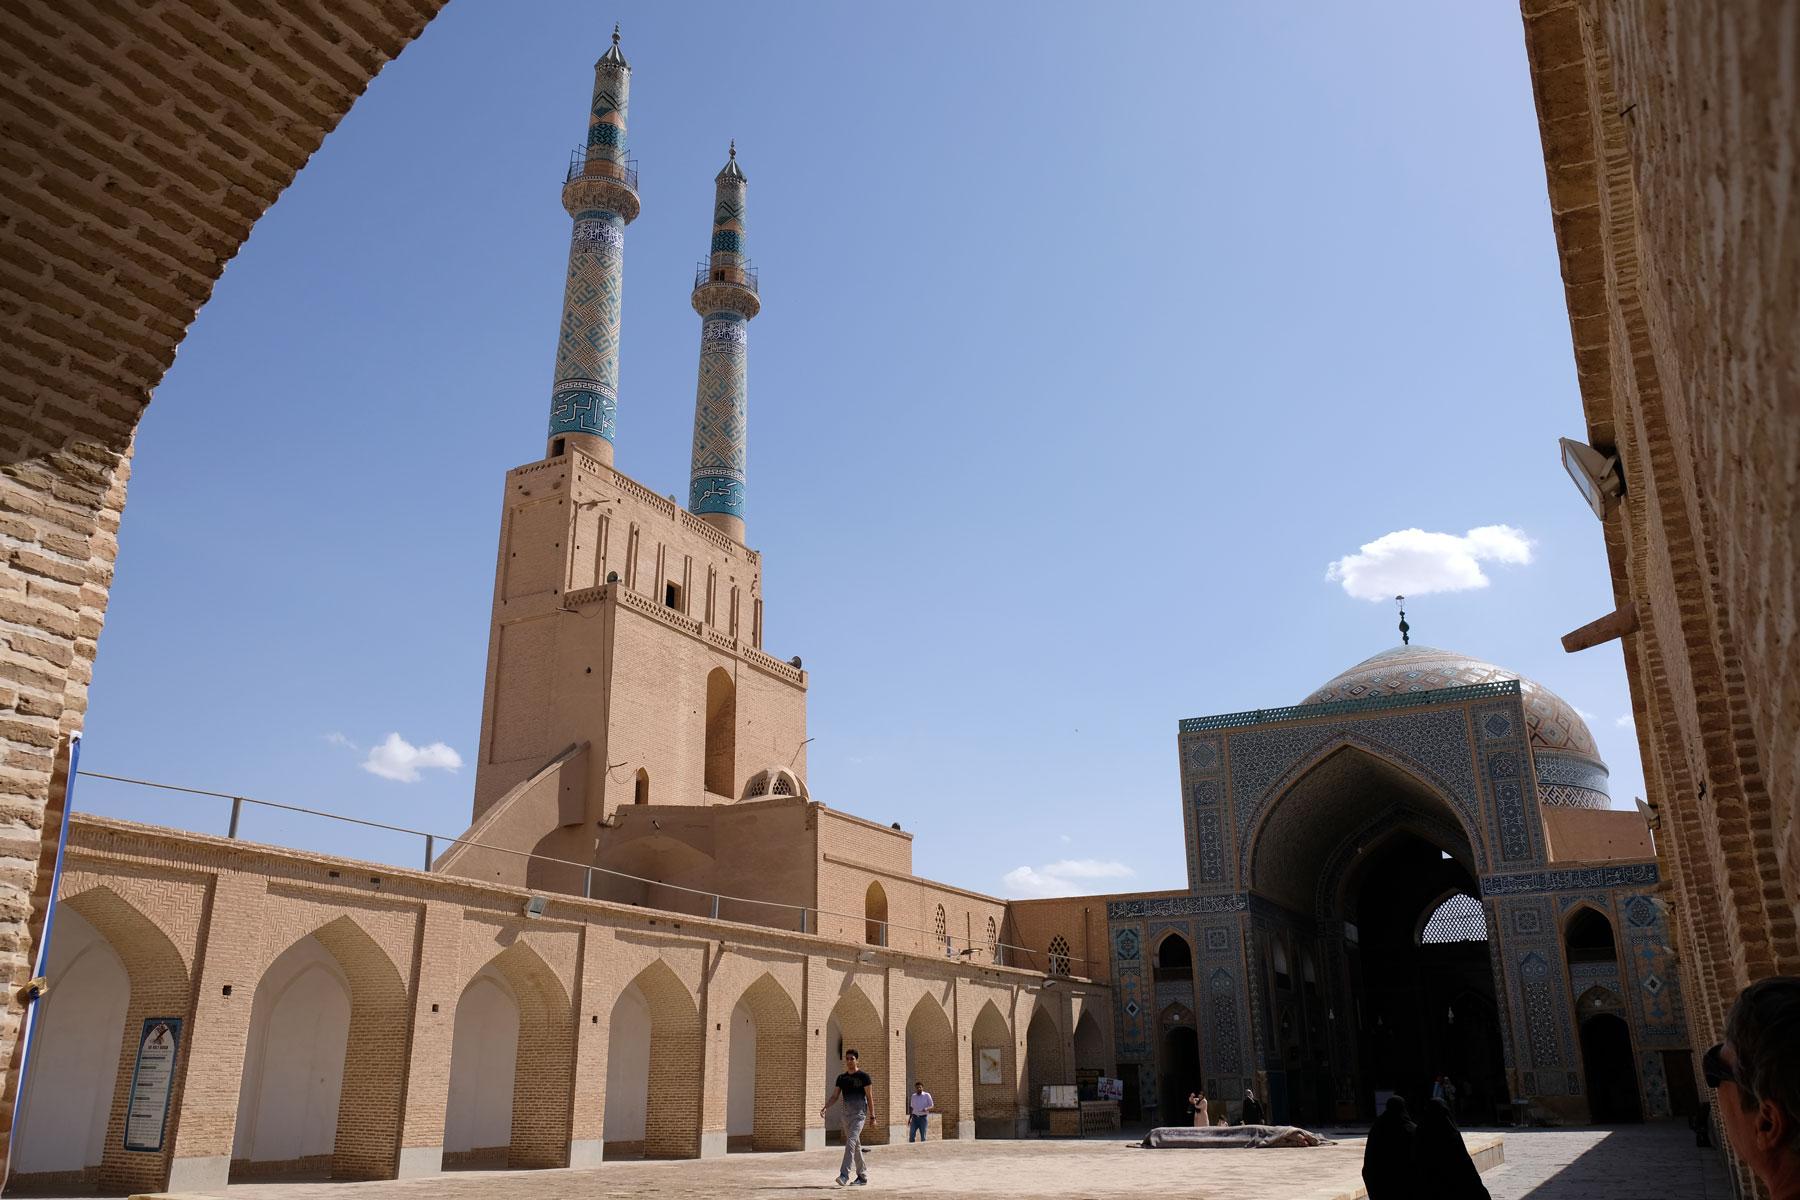 Die Minarette der Jame Moschee haben eine beeindruckende Höhe